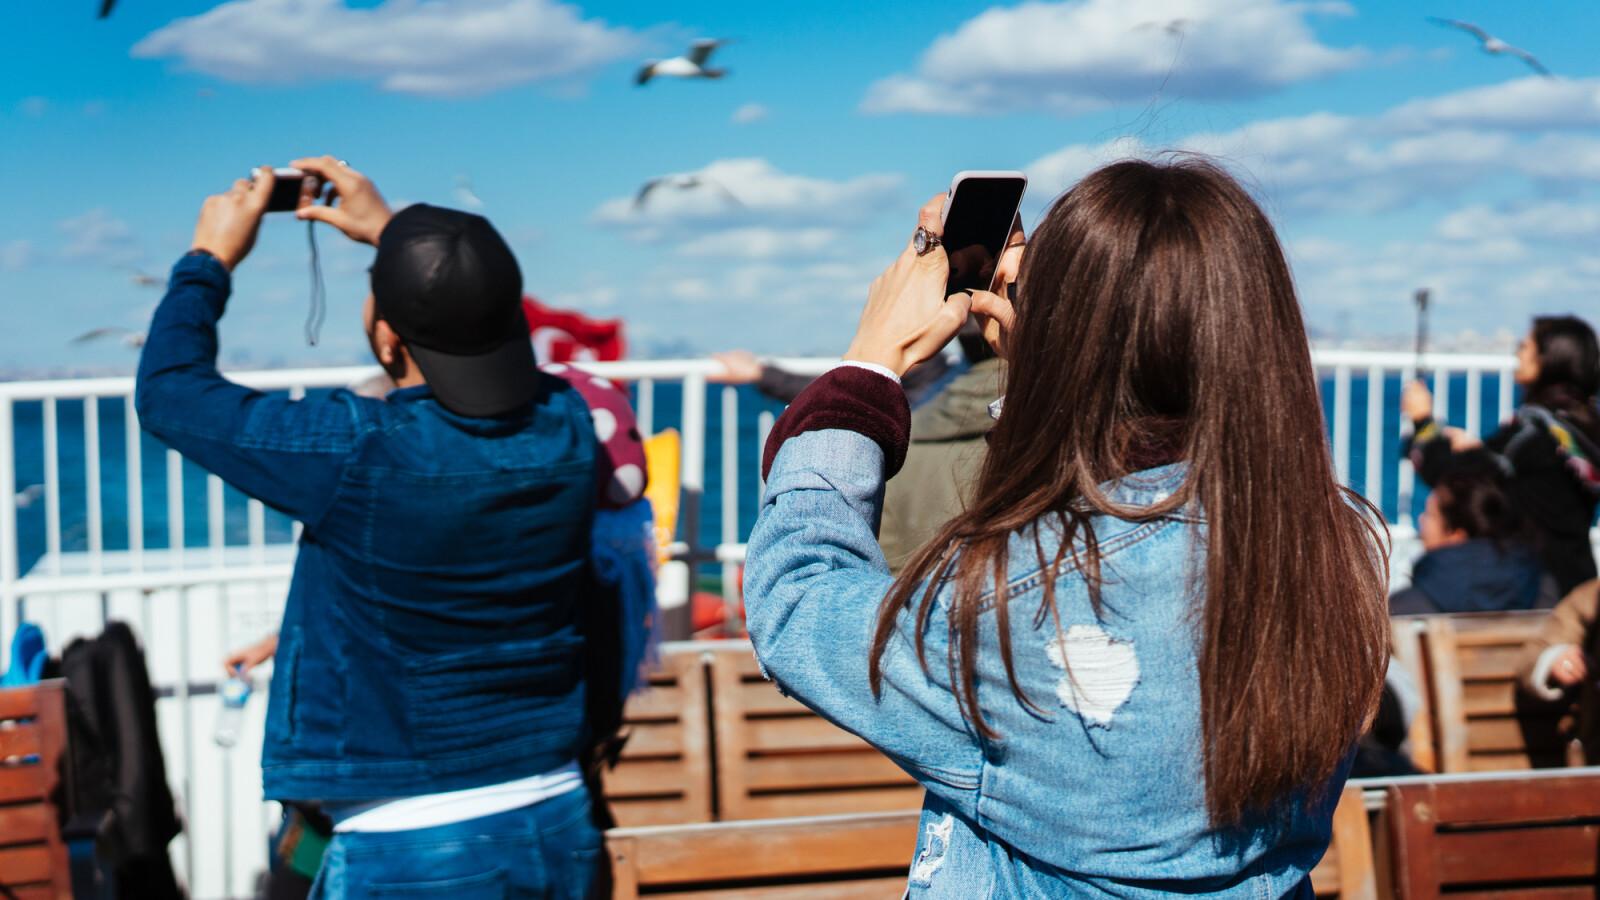 Statt 4,09 Euro: Diese Kamera-App für Profis gibt es heute kostenlos